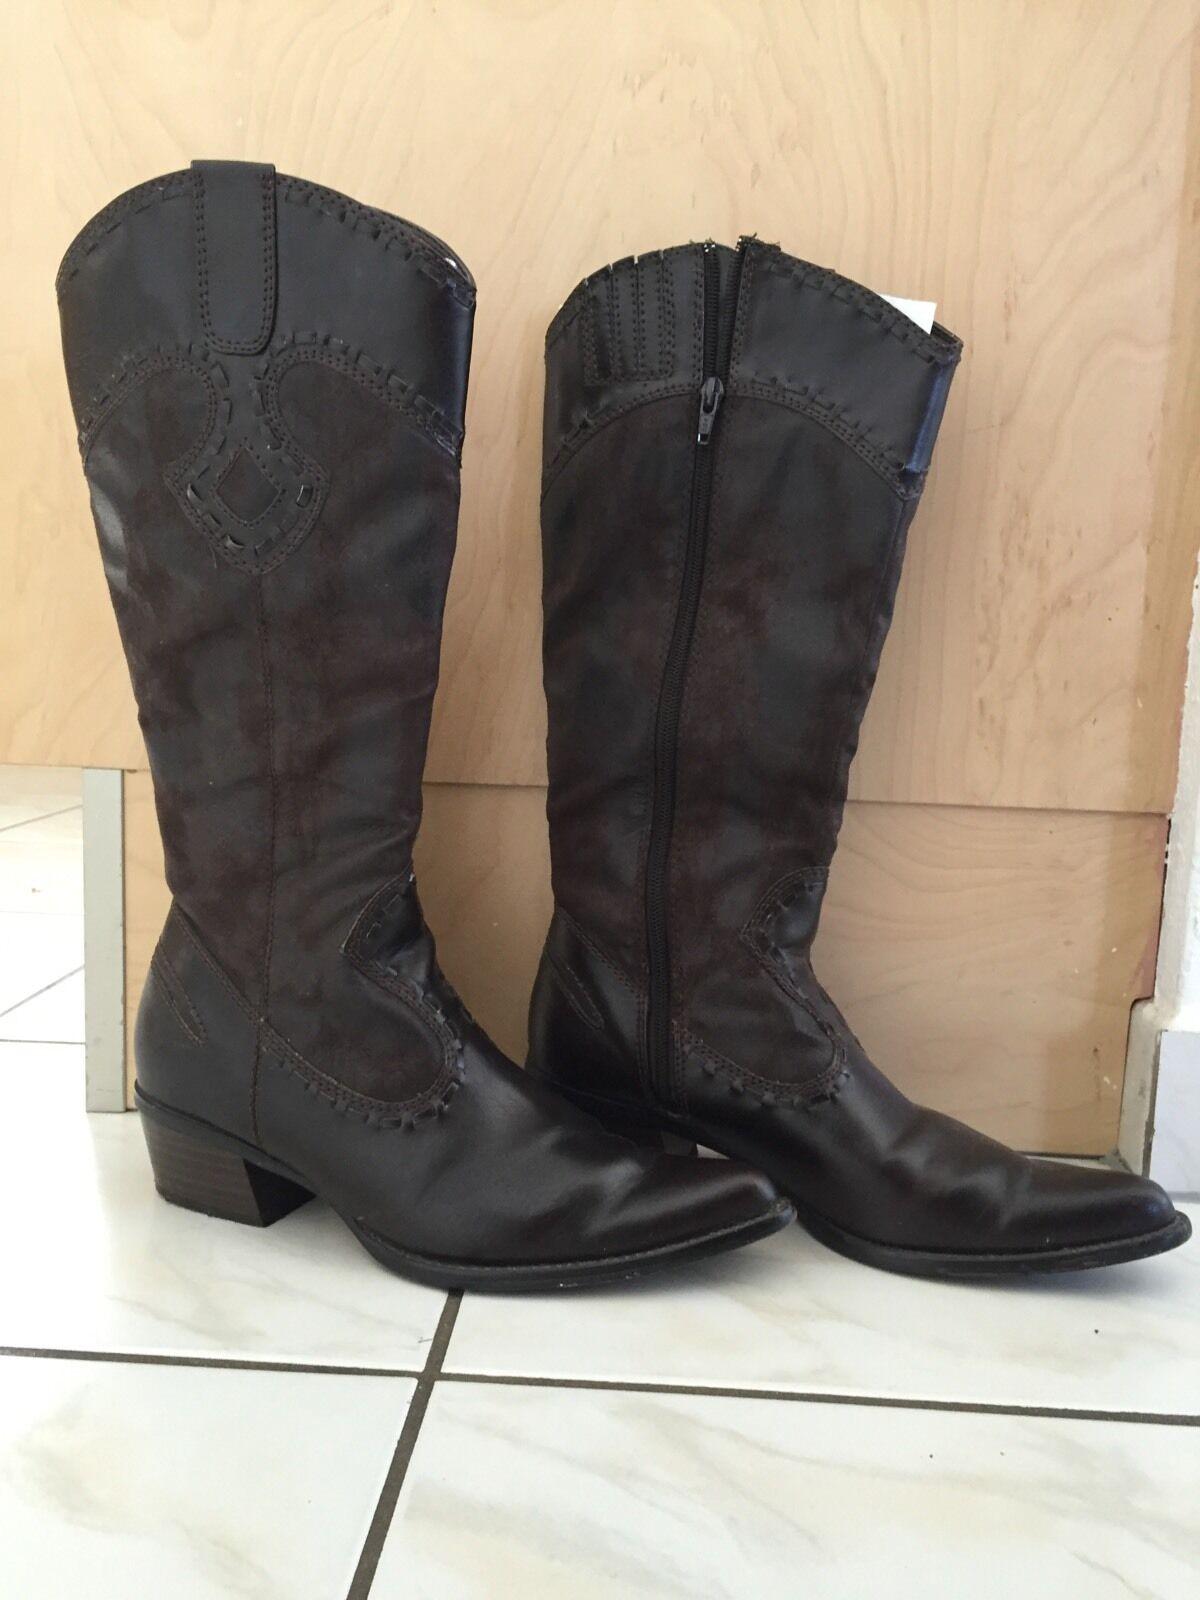 Ecco Schuhe SOFT 2.0 schwarz Damen Stiefeletten bequeme Stiefelette 20652356723